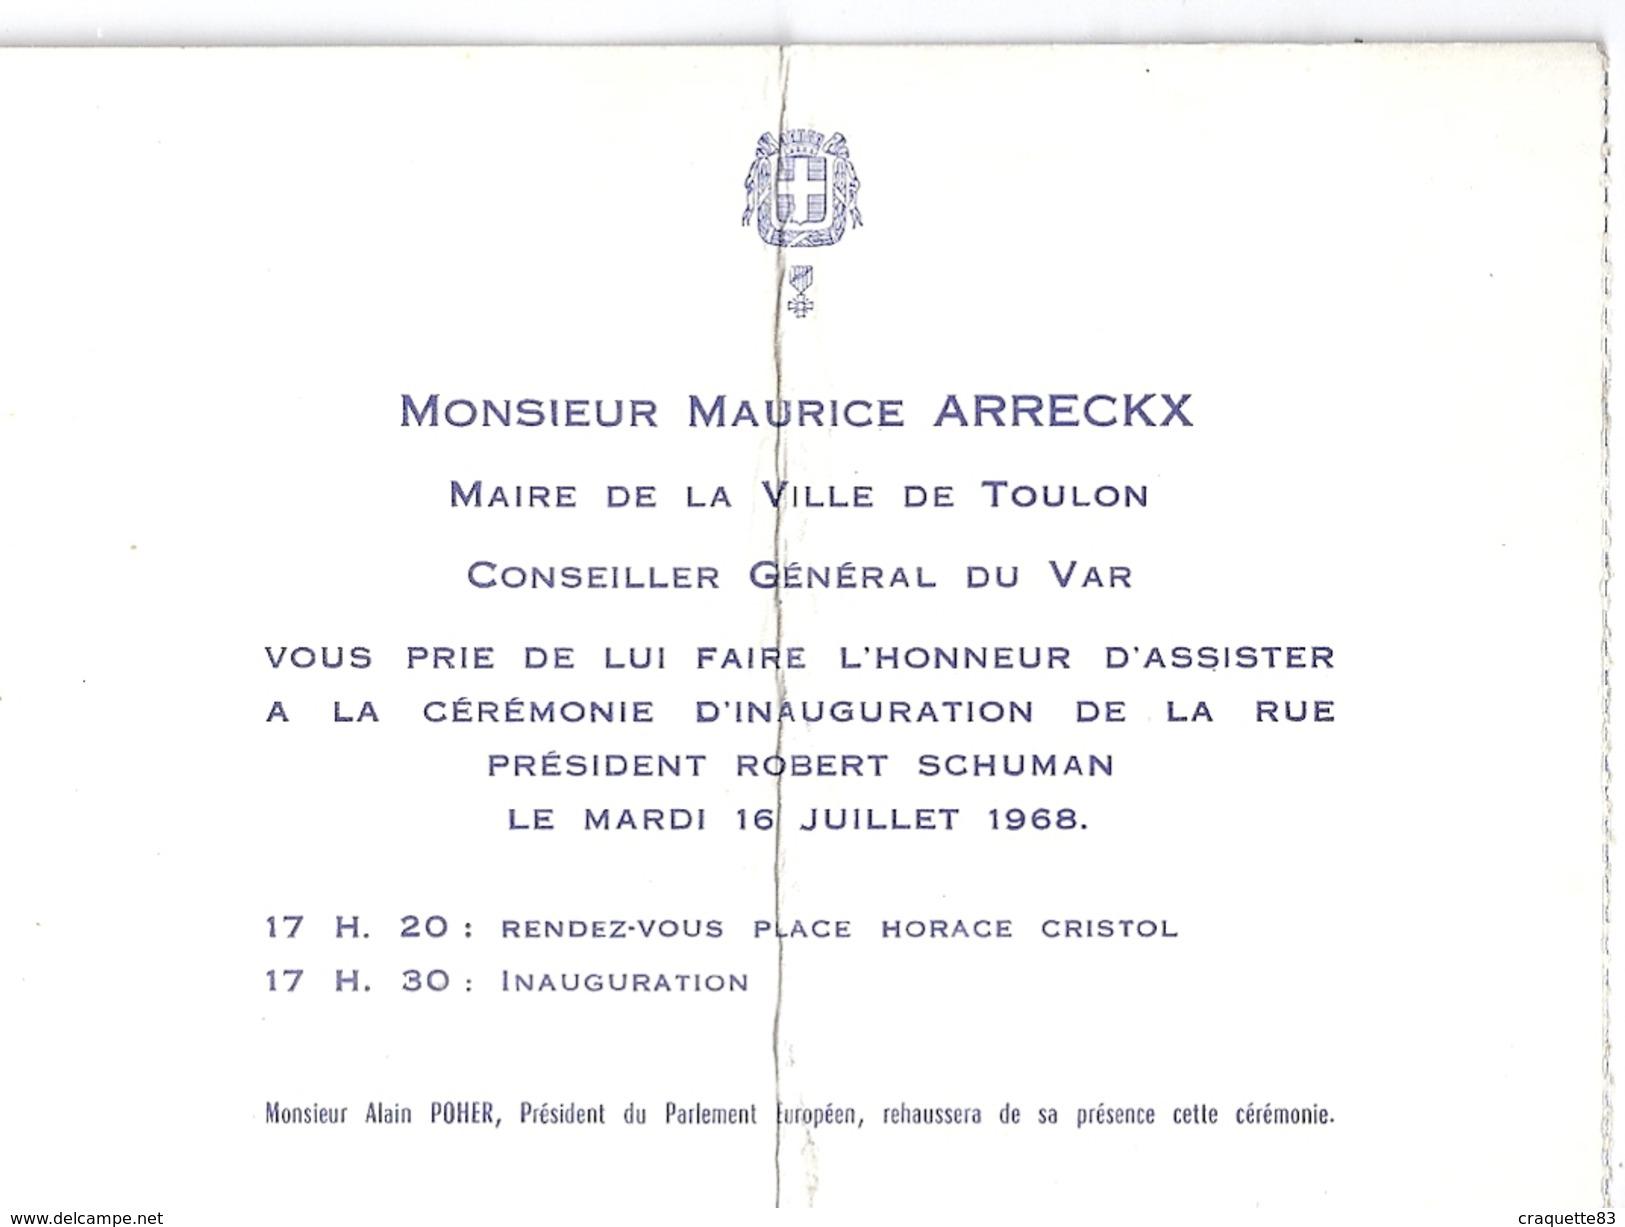 MONSIEUR MAURICE ARRECKX MAIRE DE TOULON VOUS PRIE D'ASSISTER A L'INAUGURATION DE LA RUE ROBERT SCHUMANN 1968 - Mappe